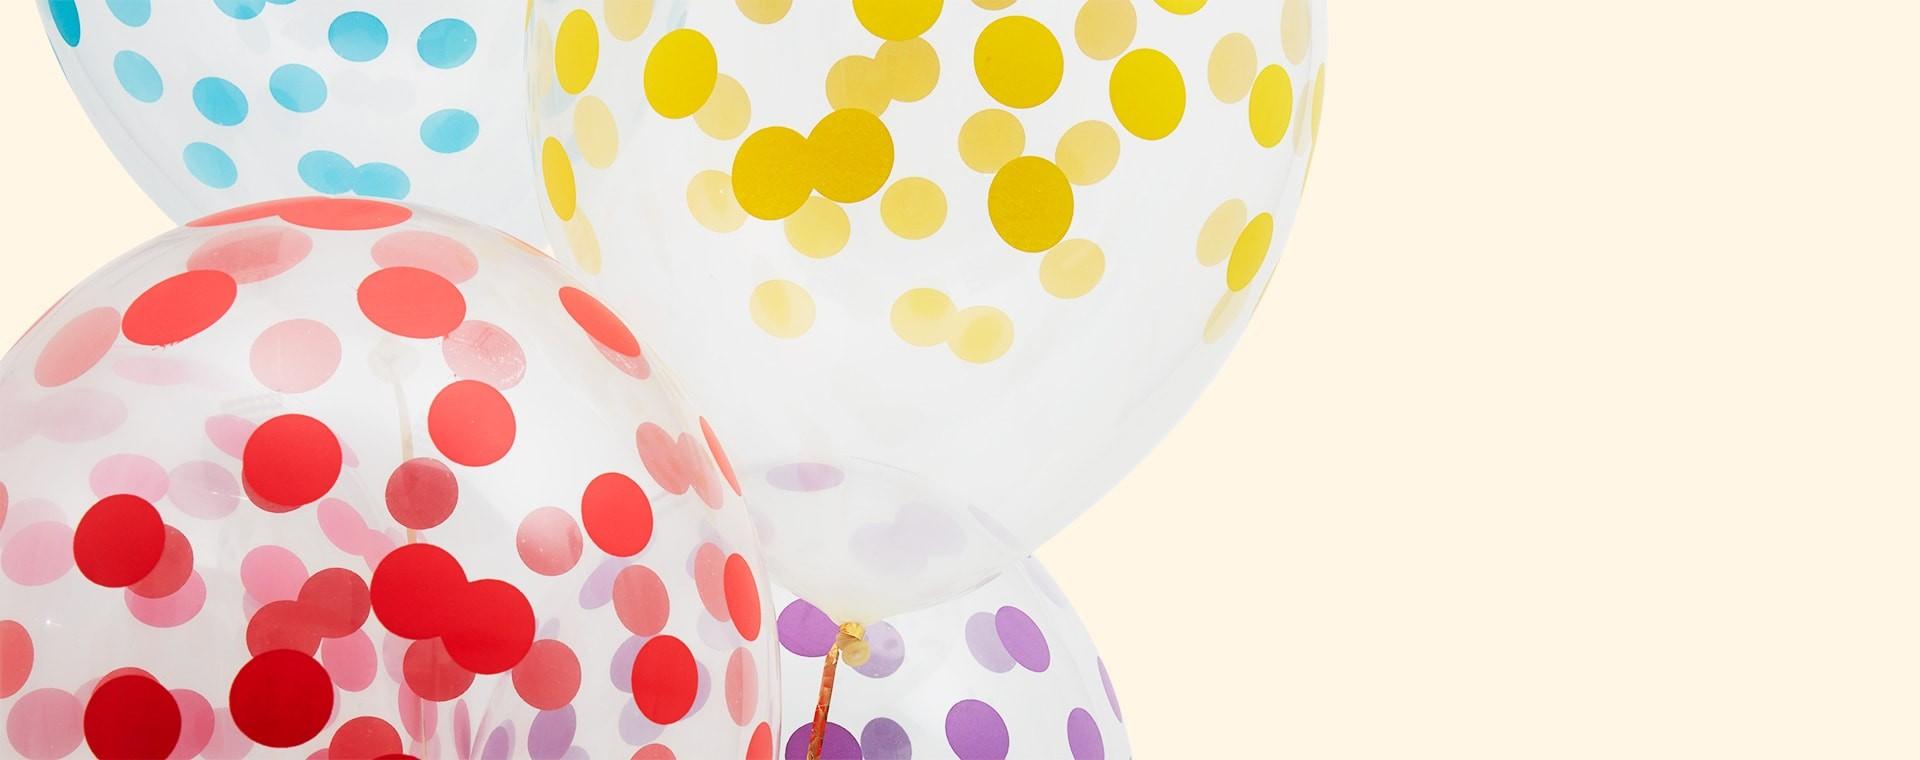 Balloner en masse